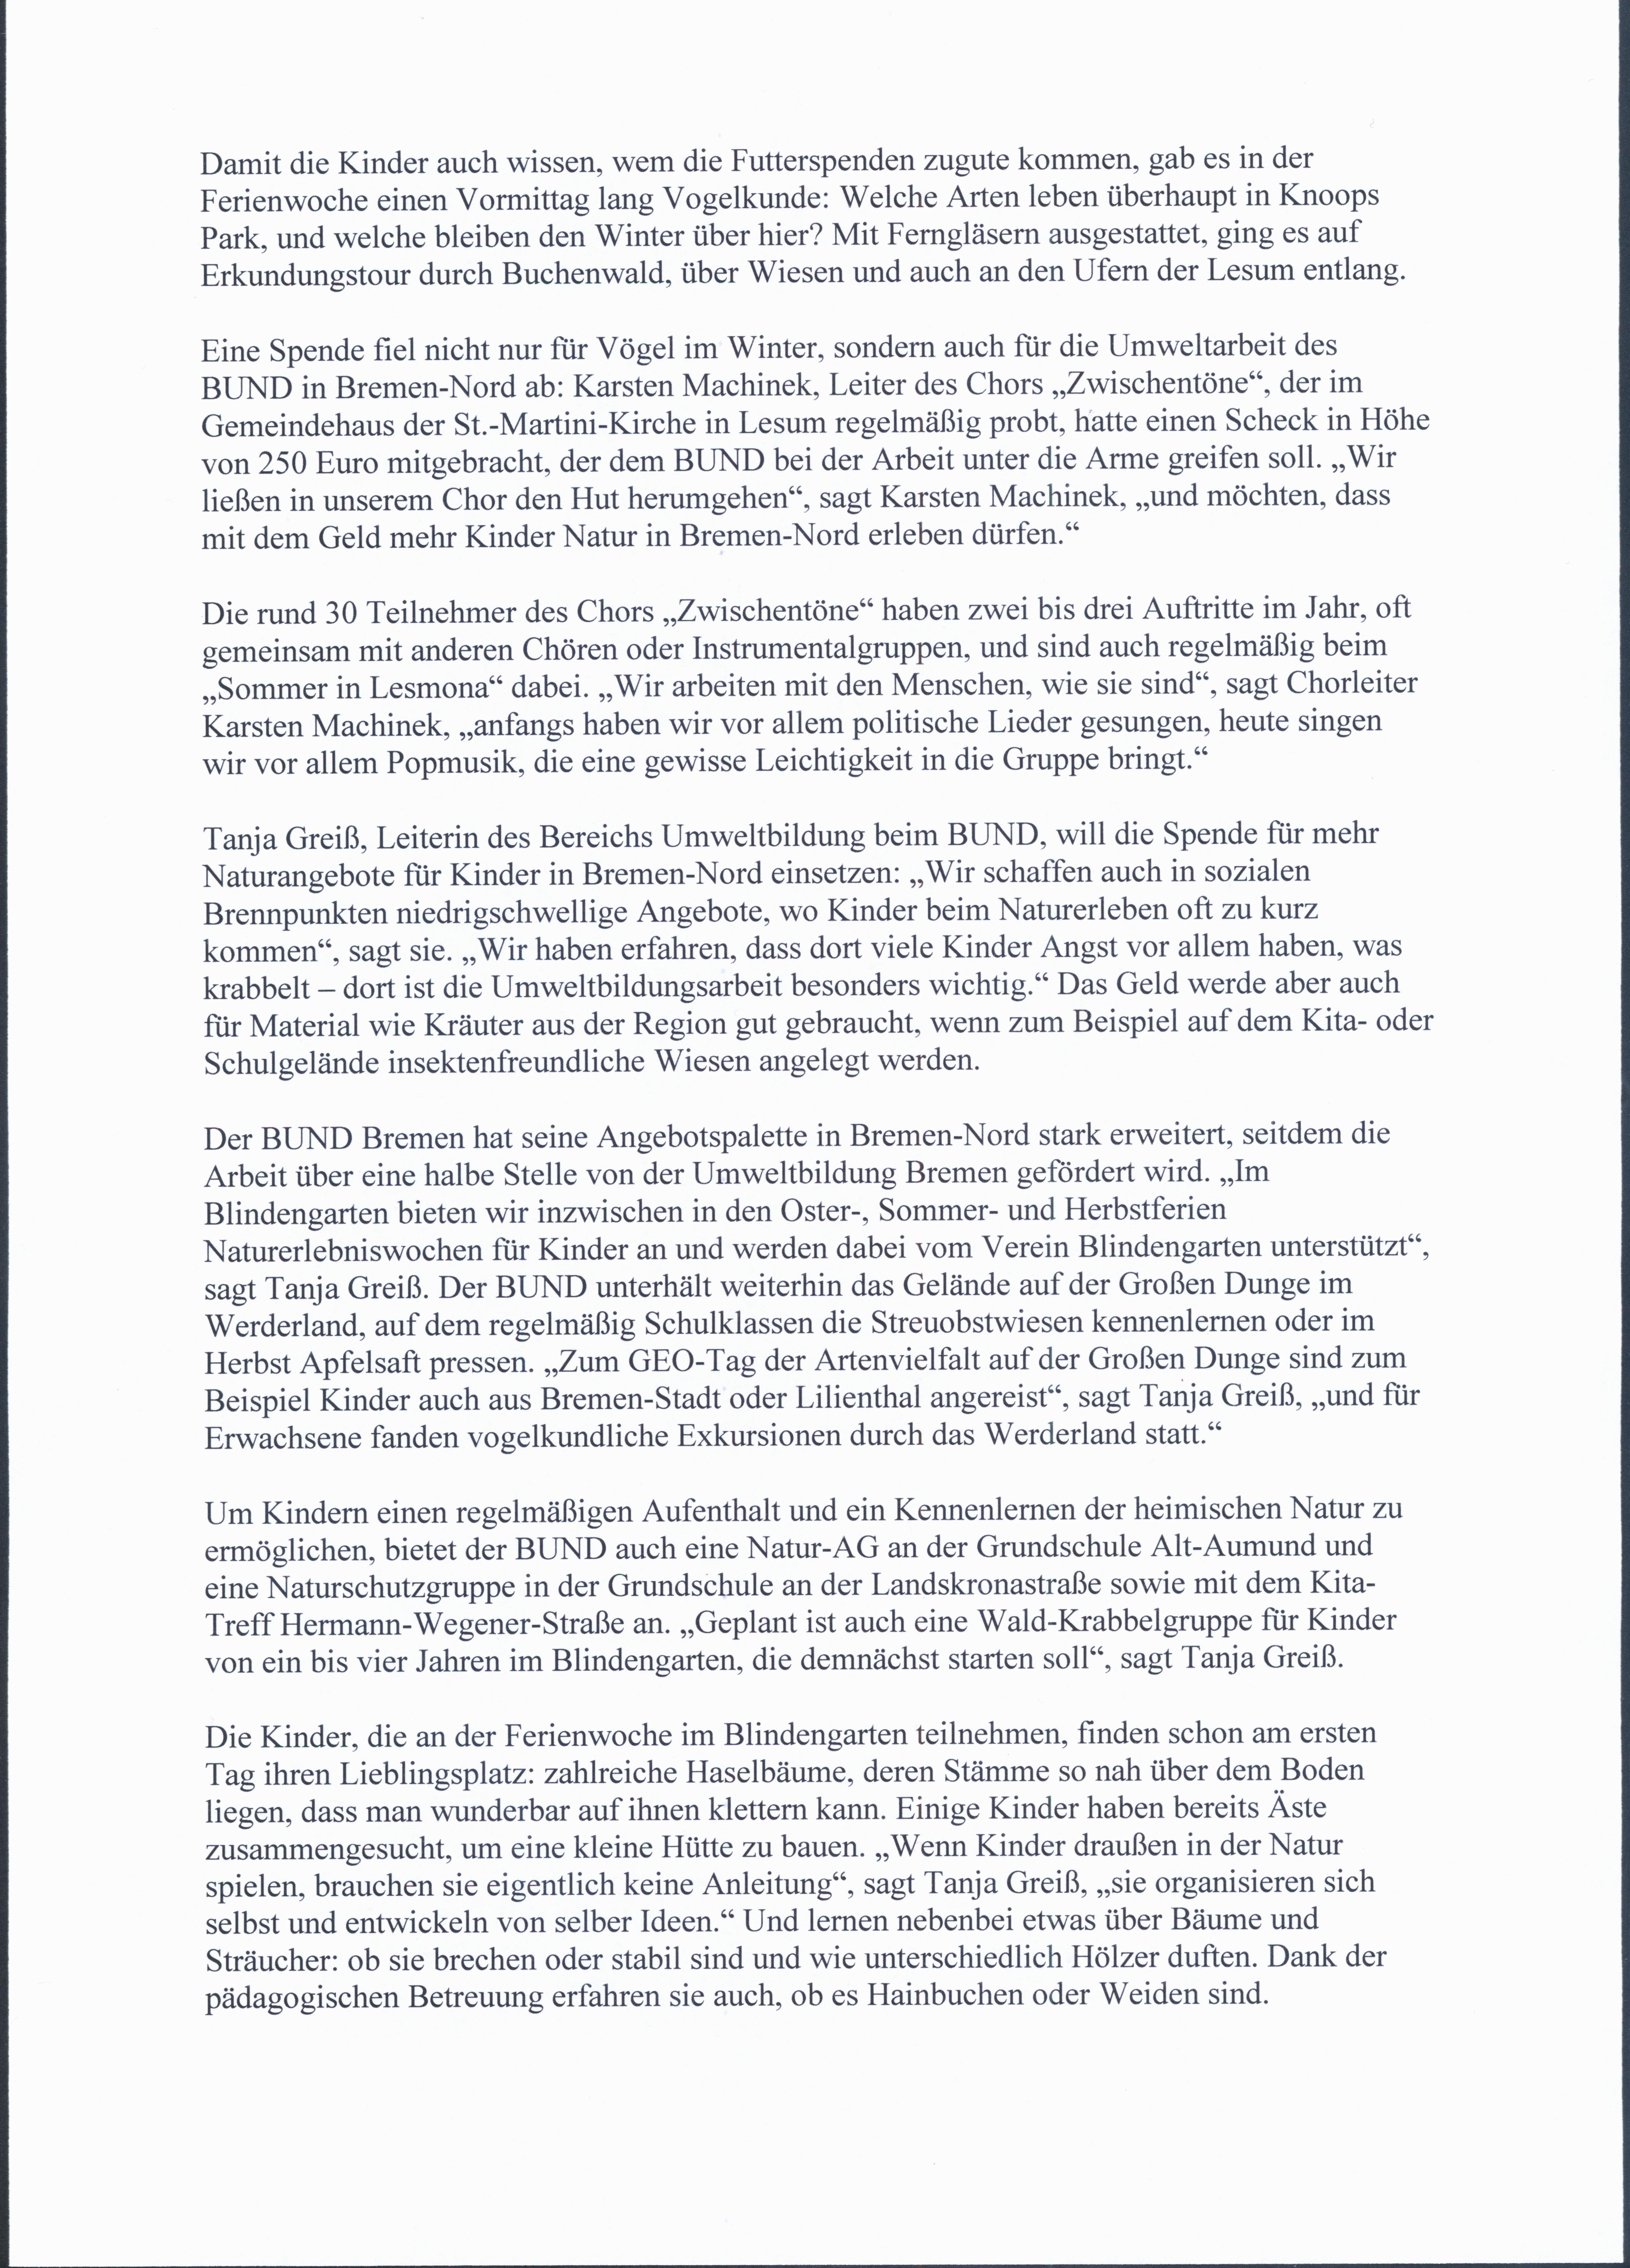 Die Norddeutsche - Artikel 14.10.2019, Seite 2